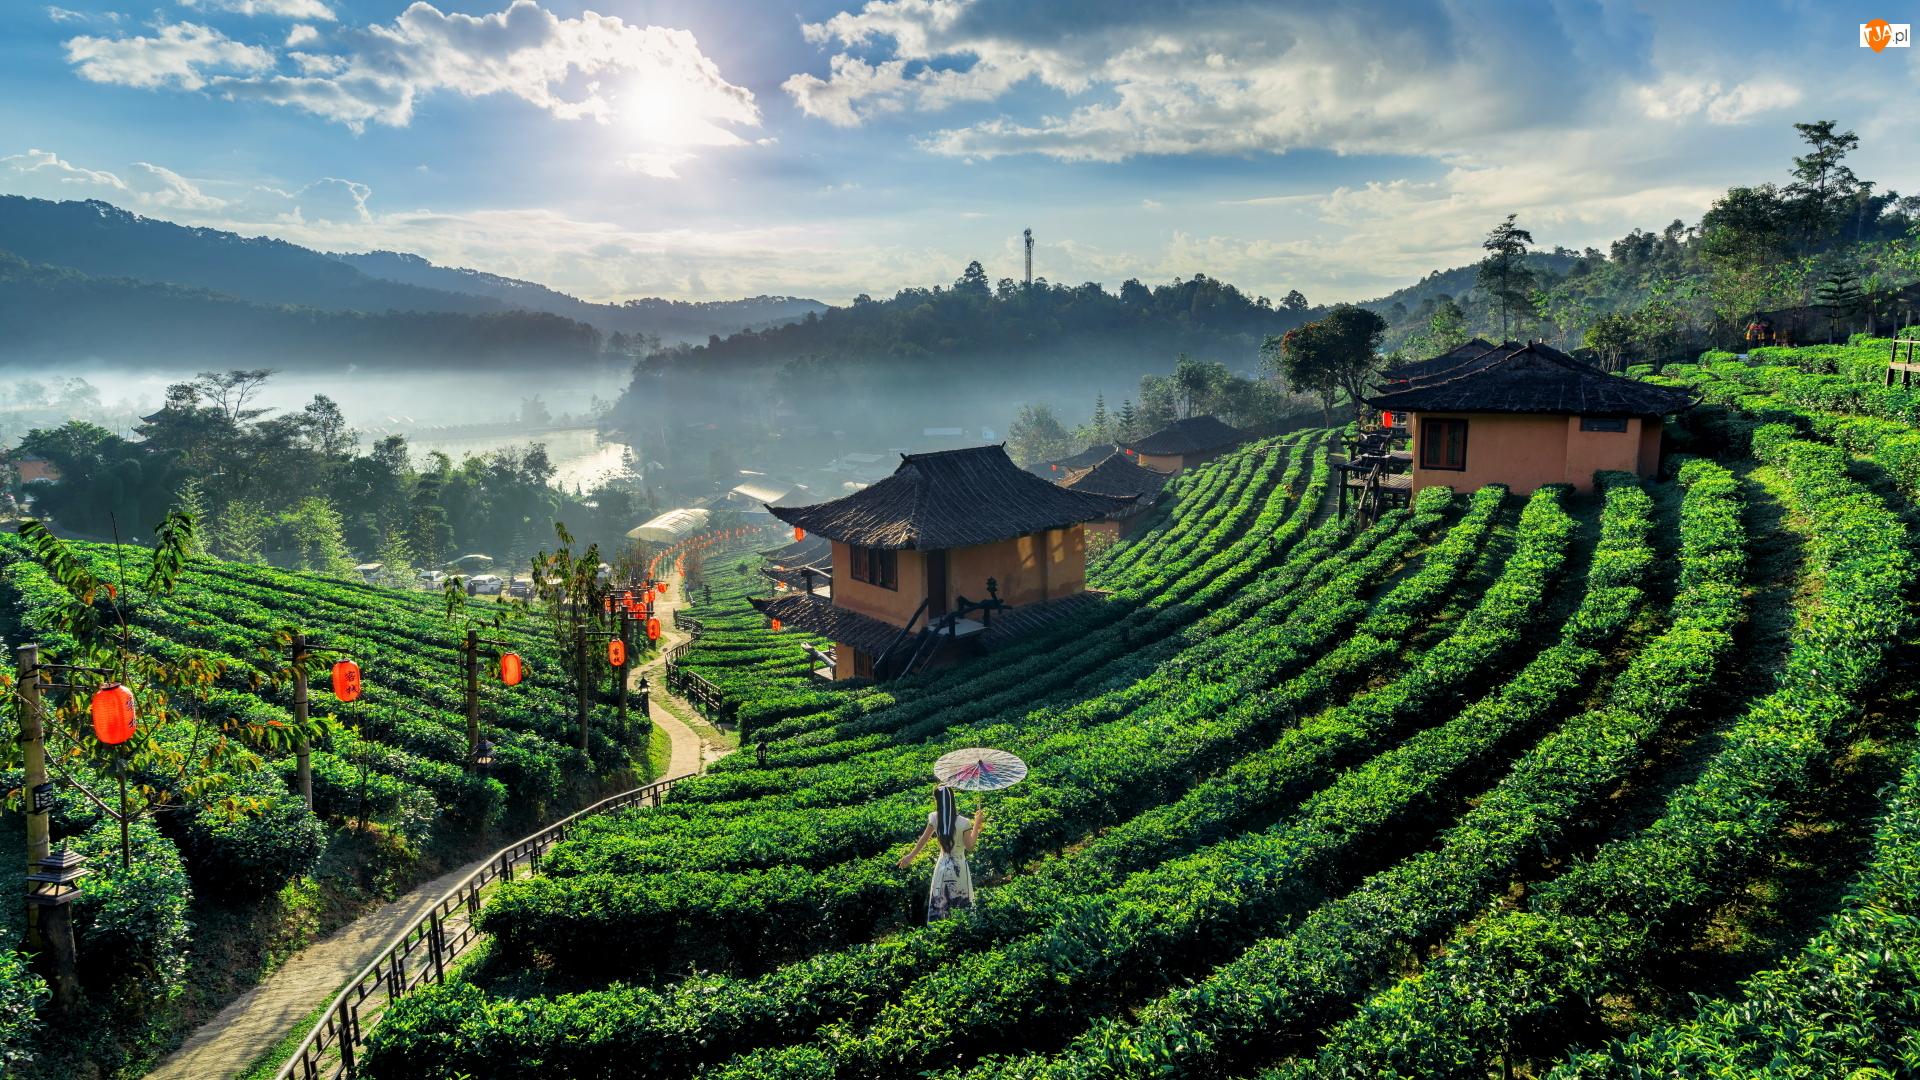 Tajlandia, Wioska, Ban Rak Thai, Parasolka, Herbaty, Plantacja, Domy, Ścieżka, Kobieta, Prowincja Mae Hong Son